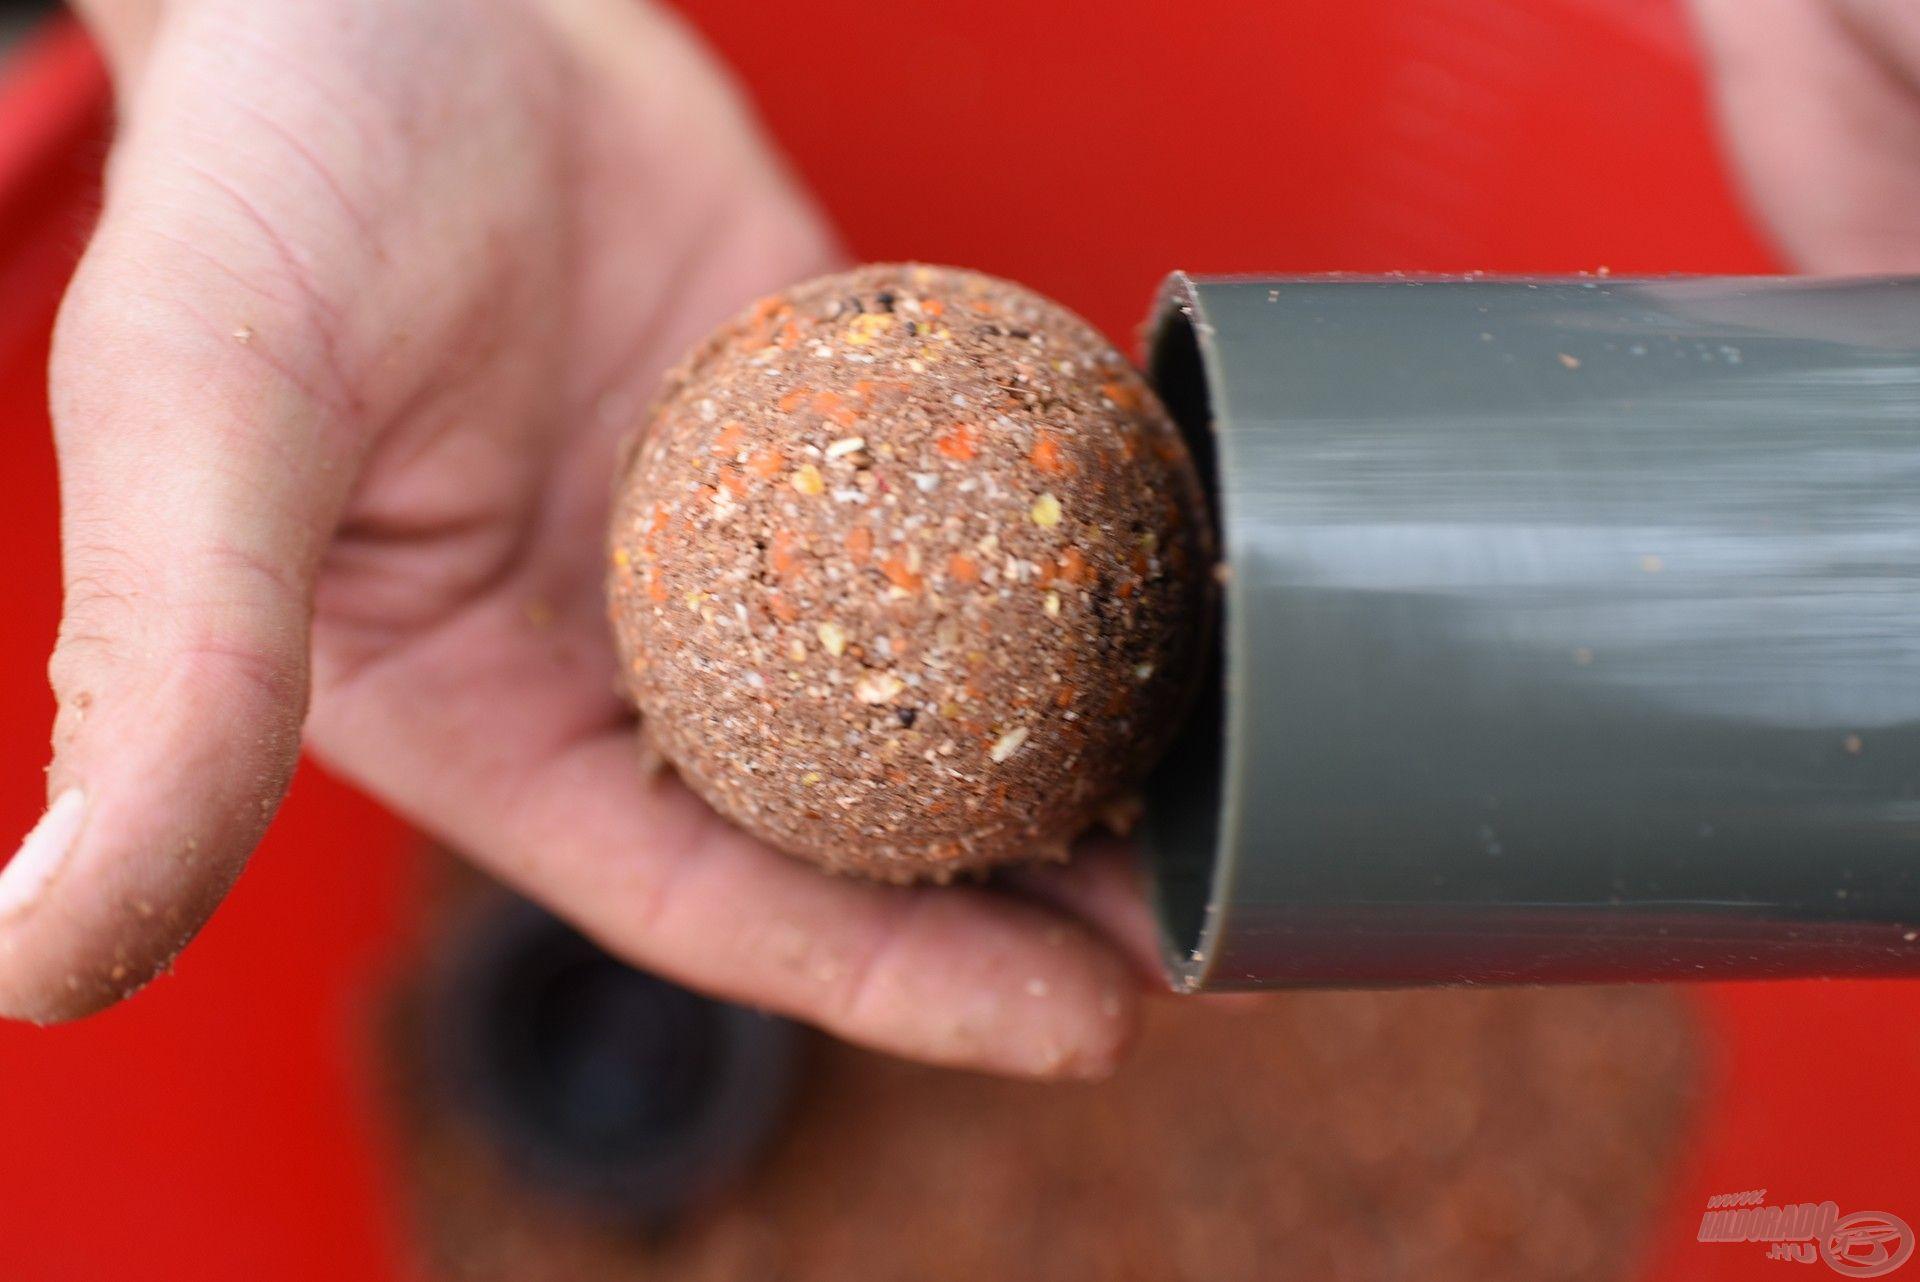 Precíz, tökéletesen gömbölyű, egyforma méretű és tömegű gombócok